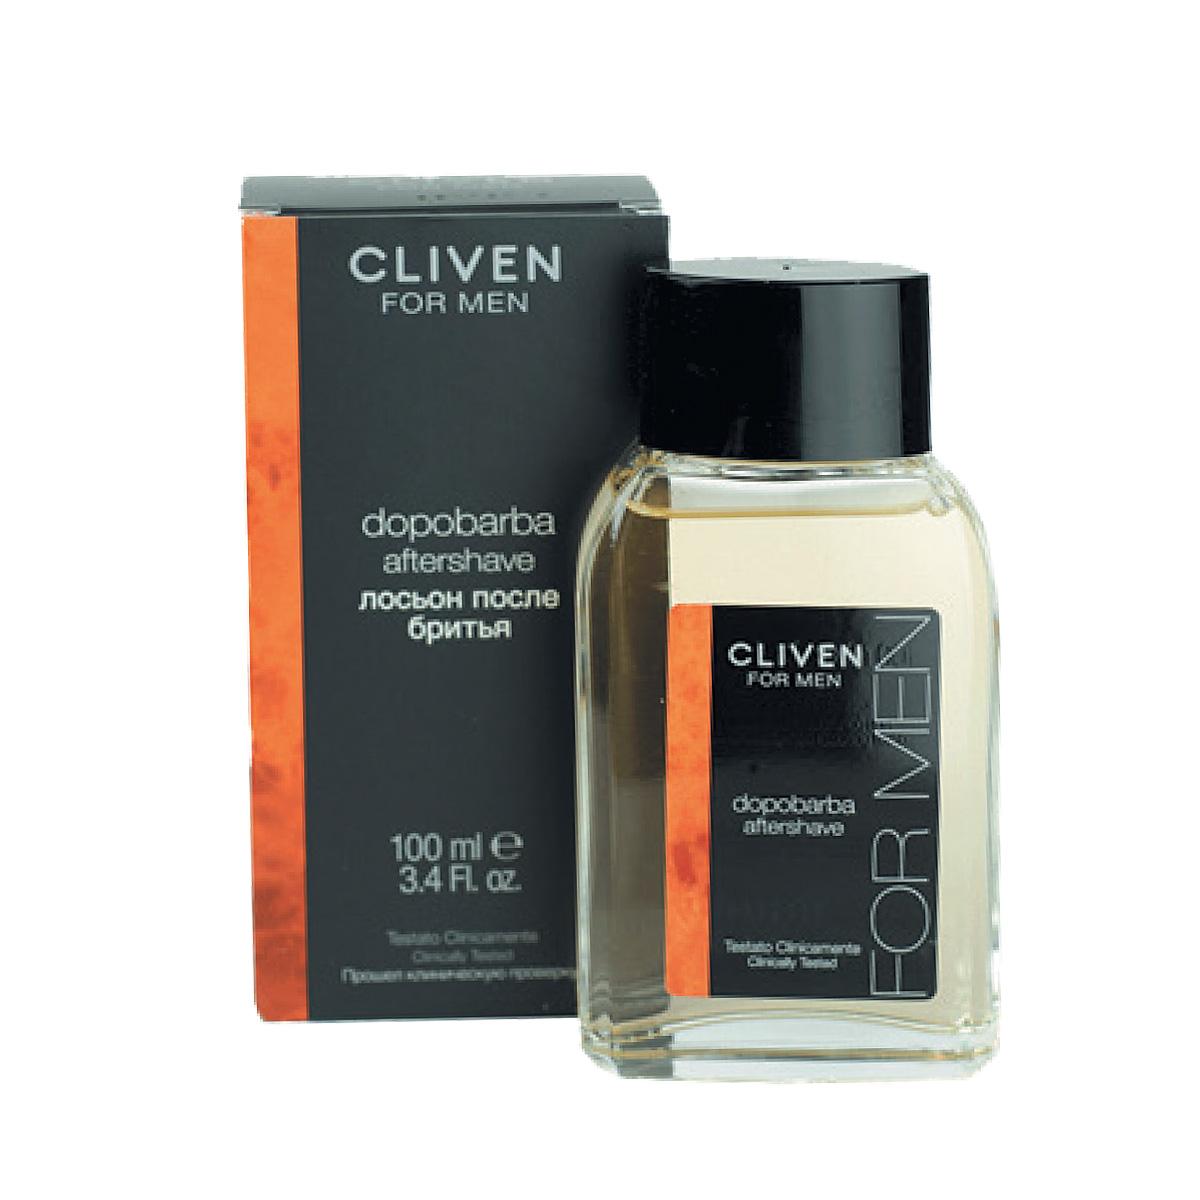 Cliven Лосьон после бритья 100мл5010777139655Лосьон мгновенно заряжает кожу энергией, а витамин Е ухаживает и успокаивает после бритья. Моментально снимает ощущение жжения после бритья.Ваше лицо выглядит свежим и отдохнувшим.